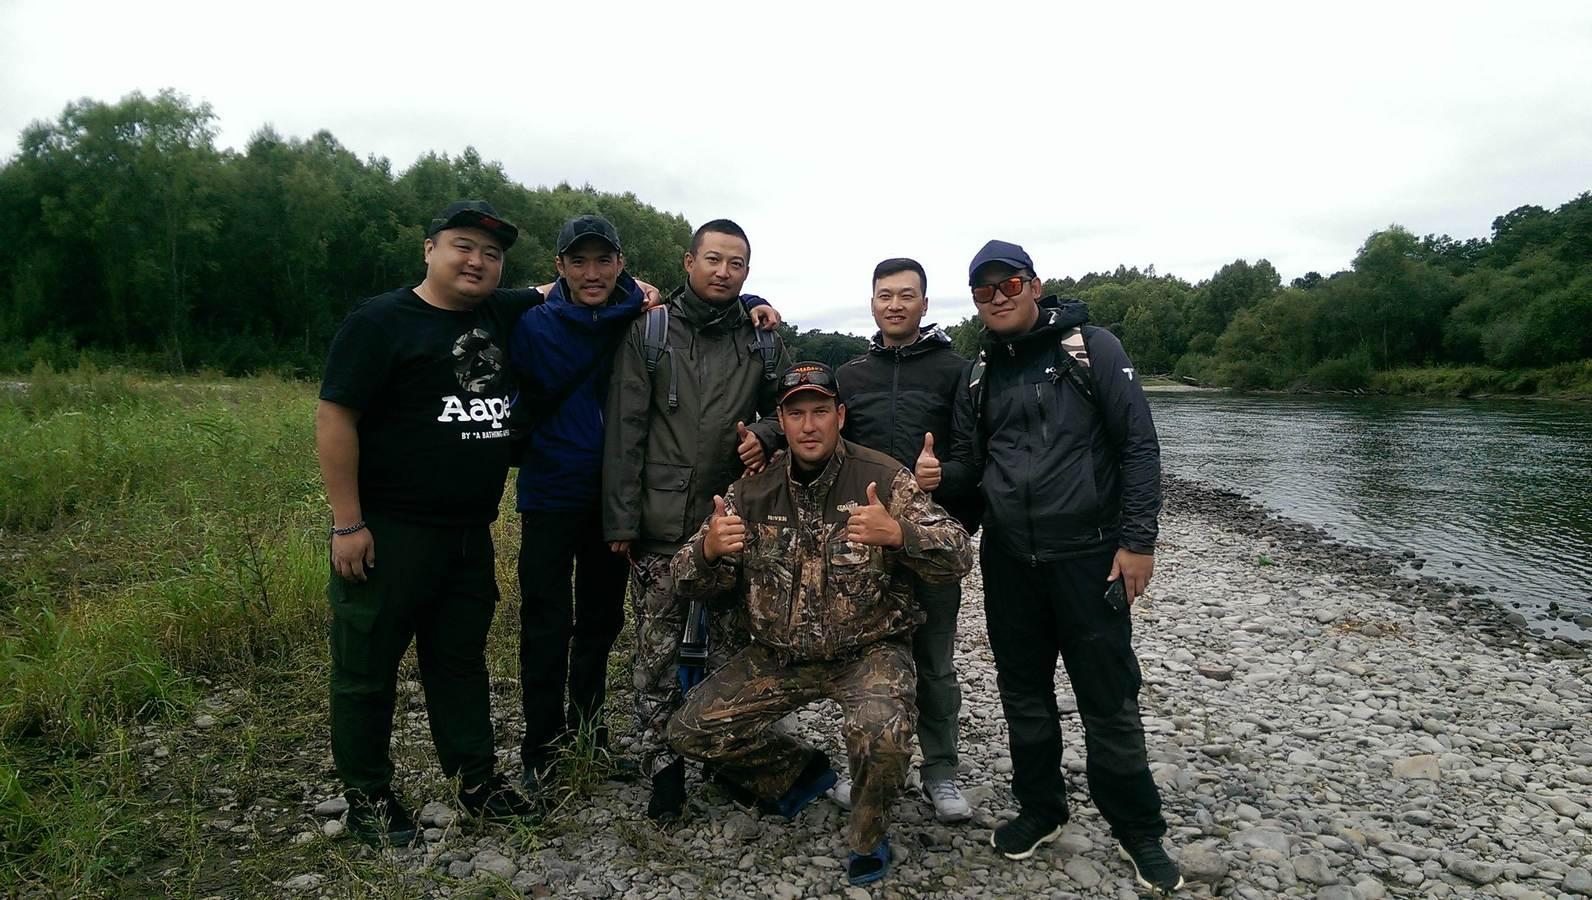 Группа Анюй - 18-24 мая 2017